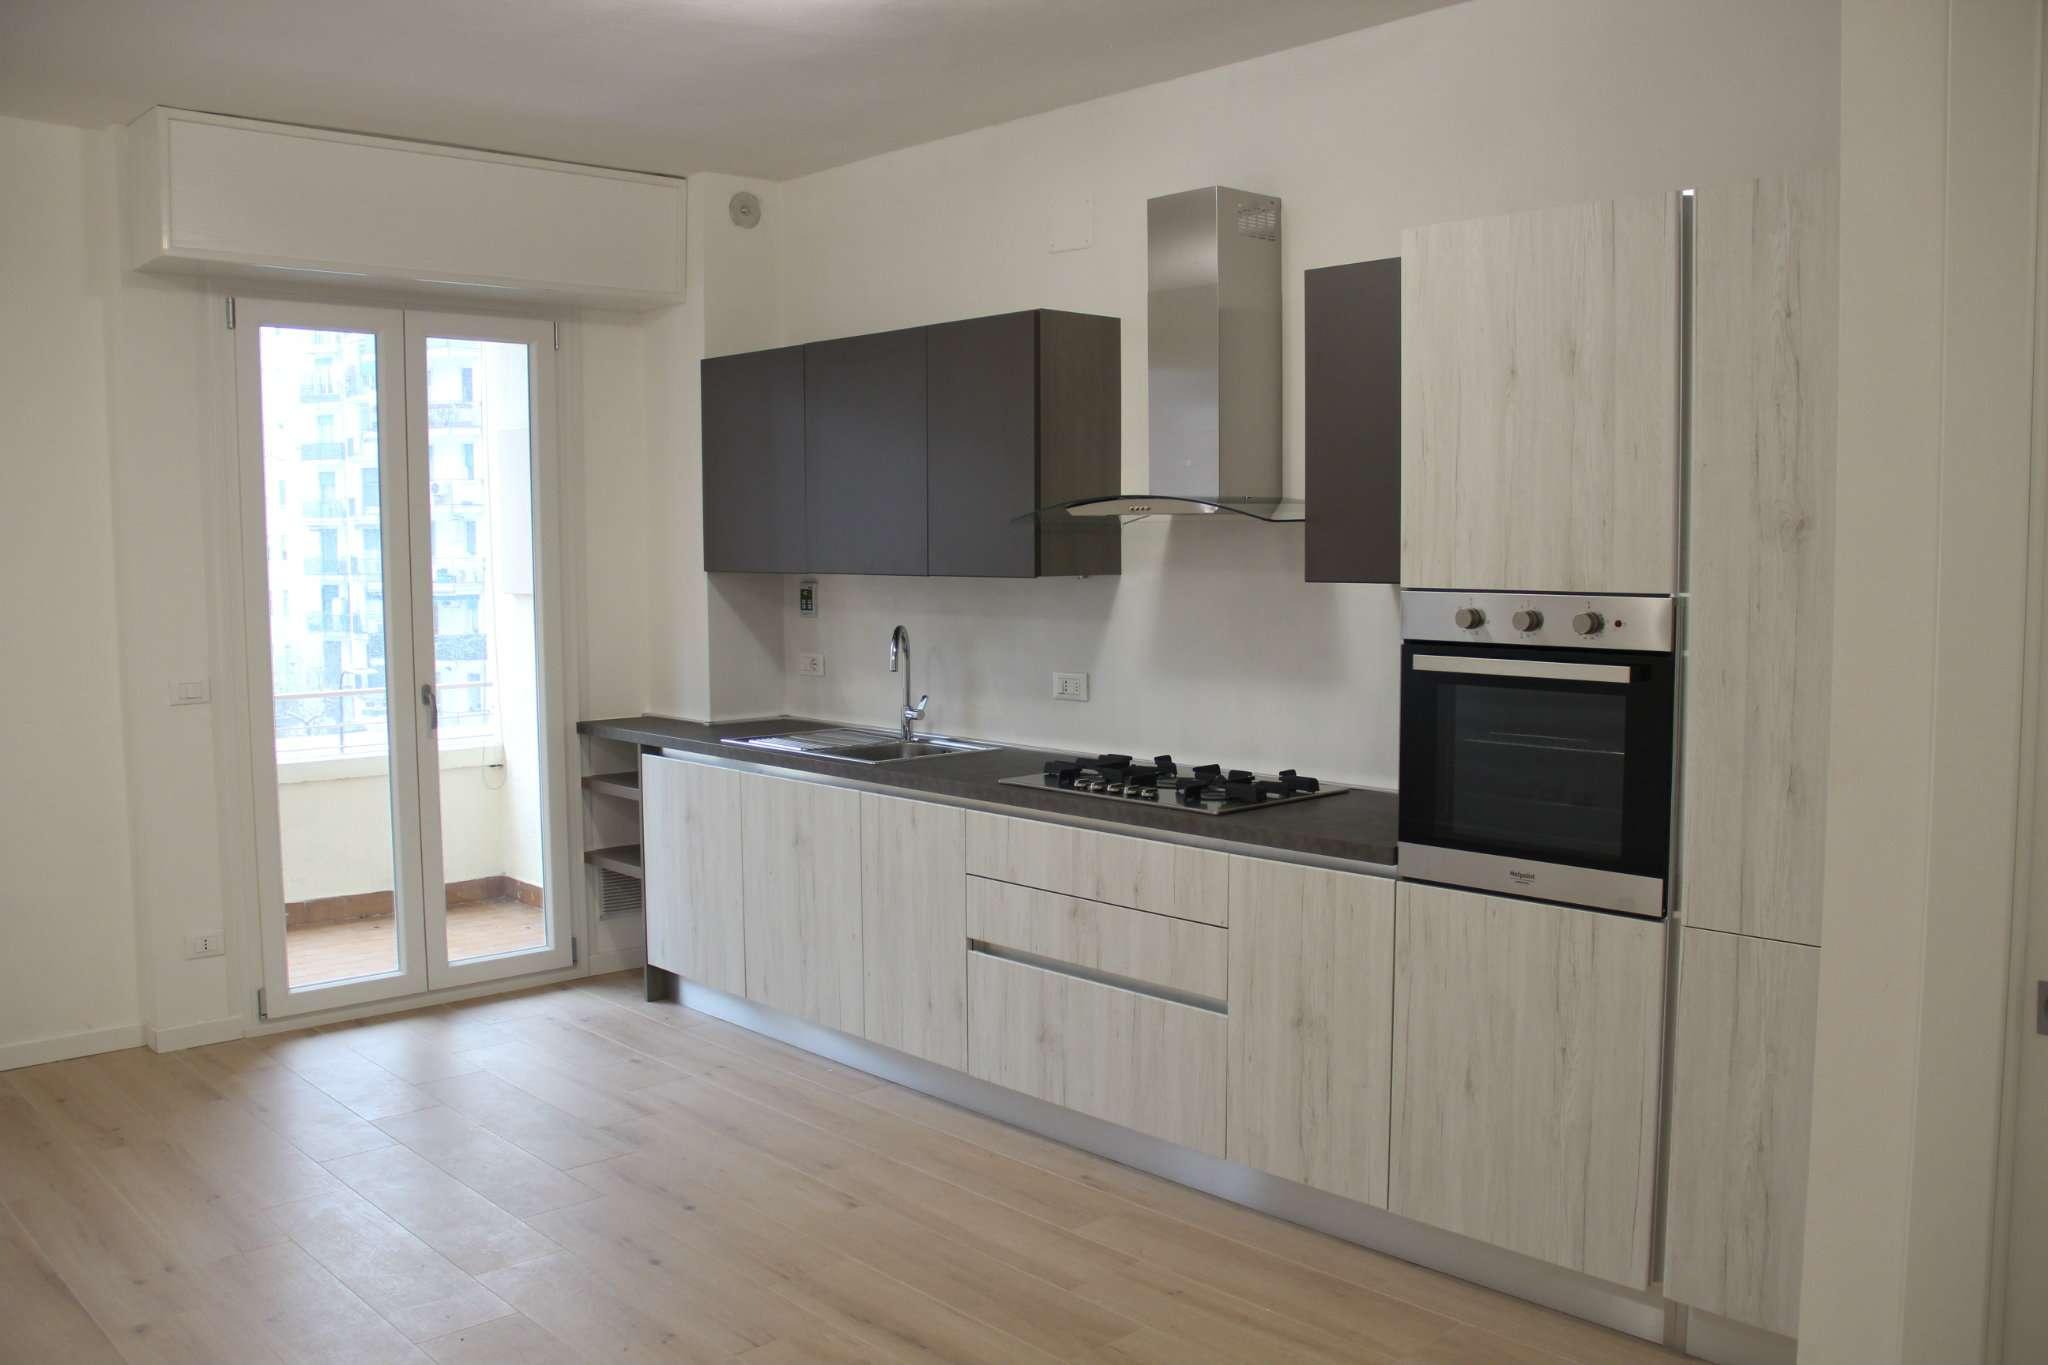 Appartamenti in affitto a milano i migliori immobili a milano for Appartamenti in affitto milano